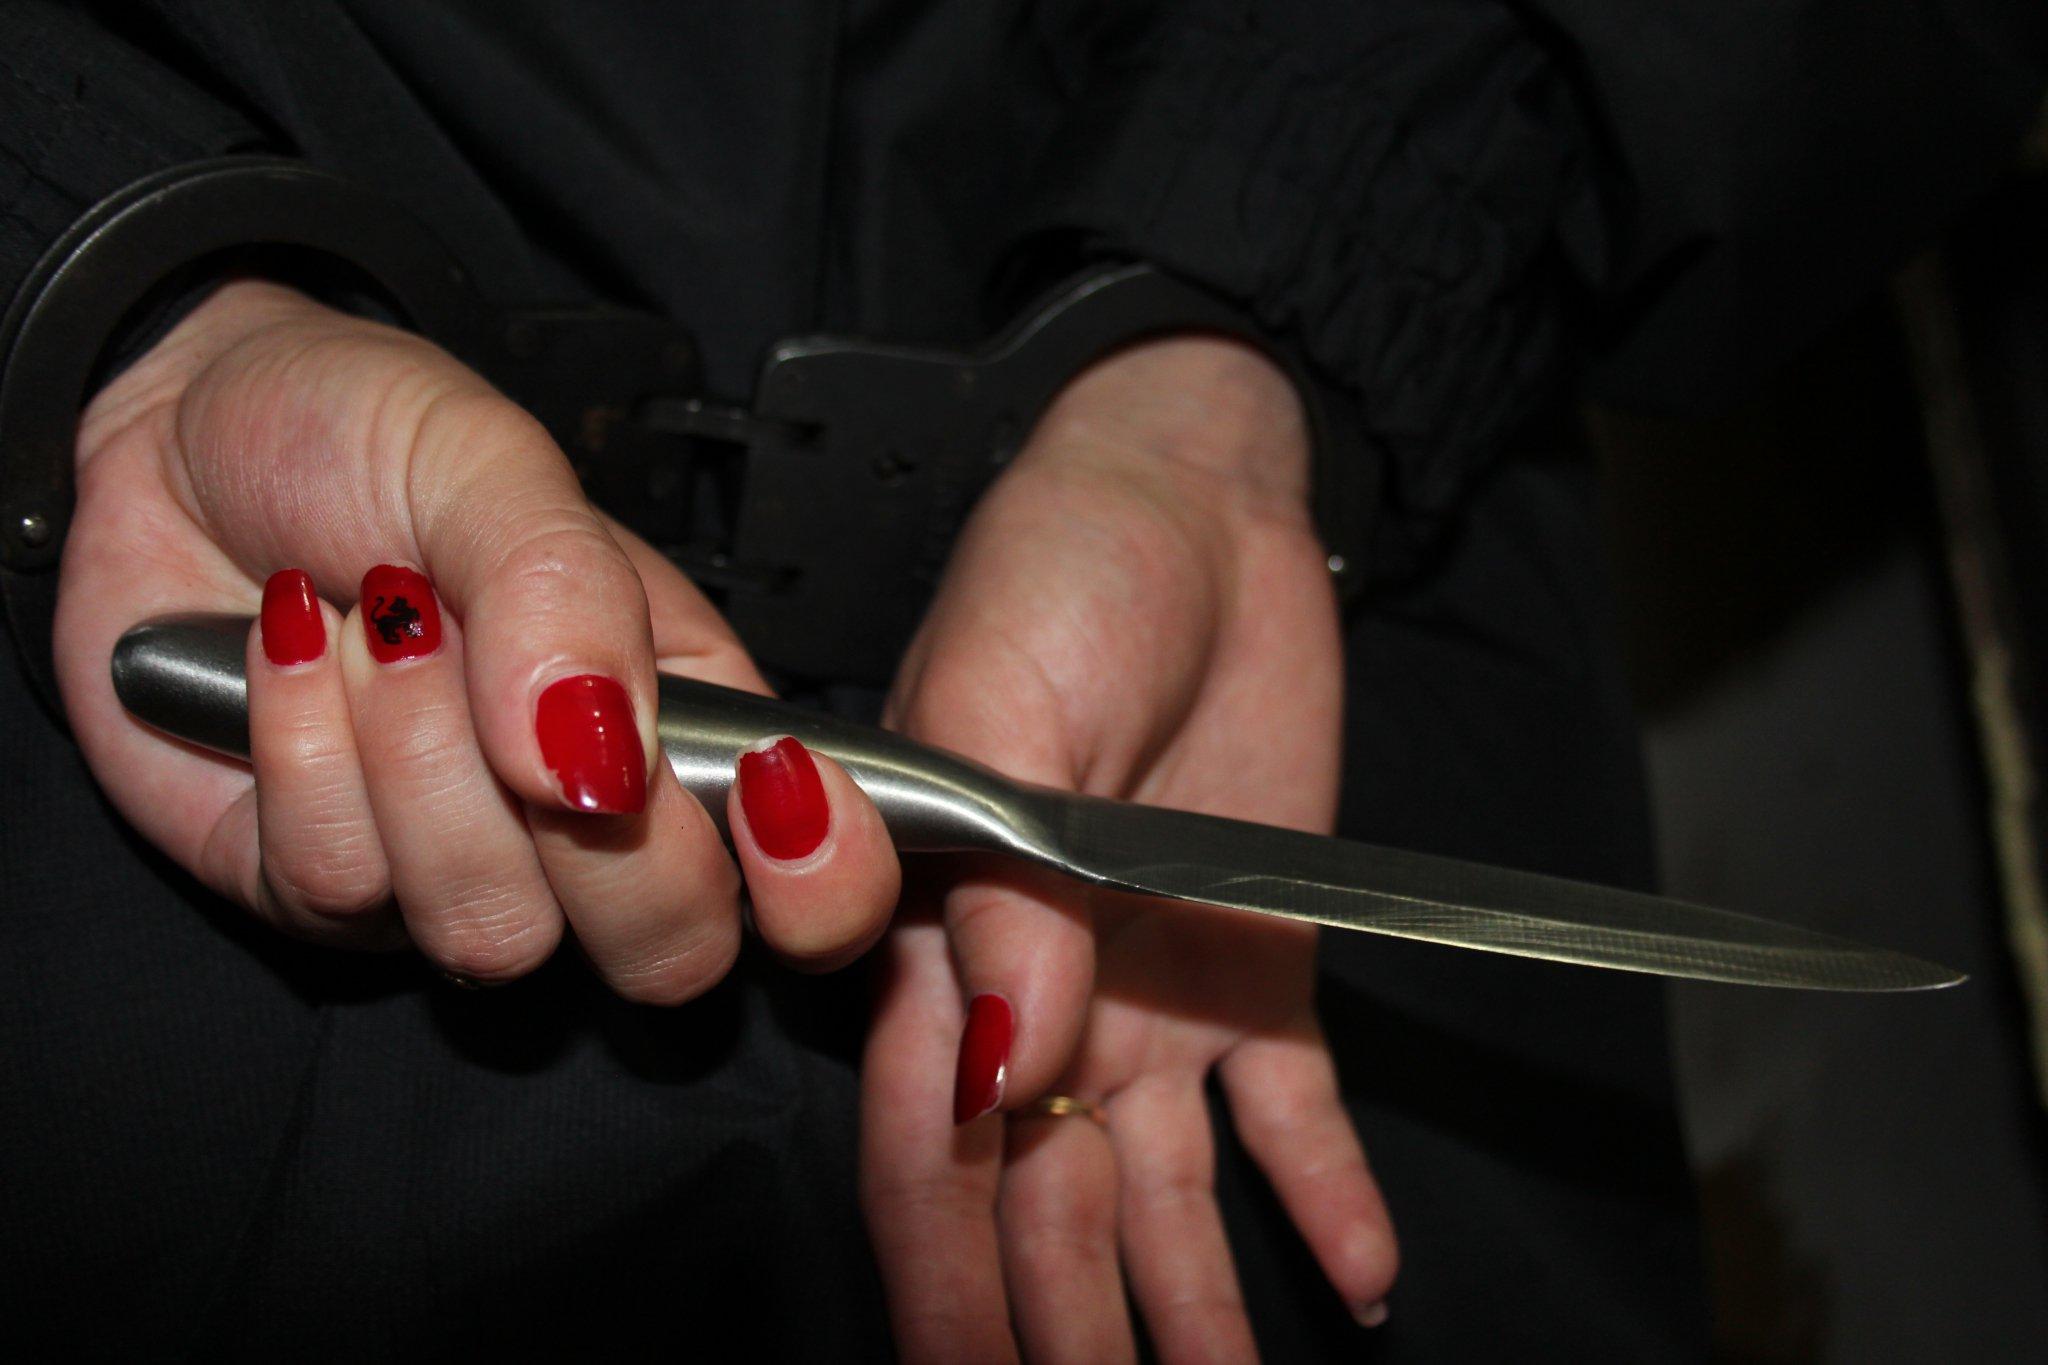 Женщину, пытавшуюся зарезать собственных детей и покончить с собой, поместили в психиатрическую больницу